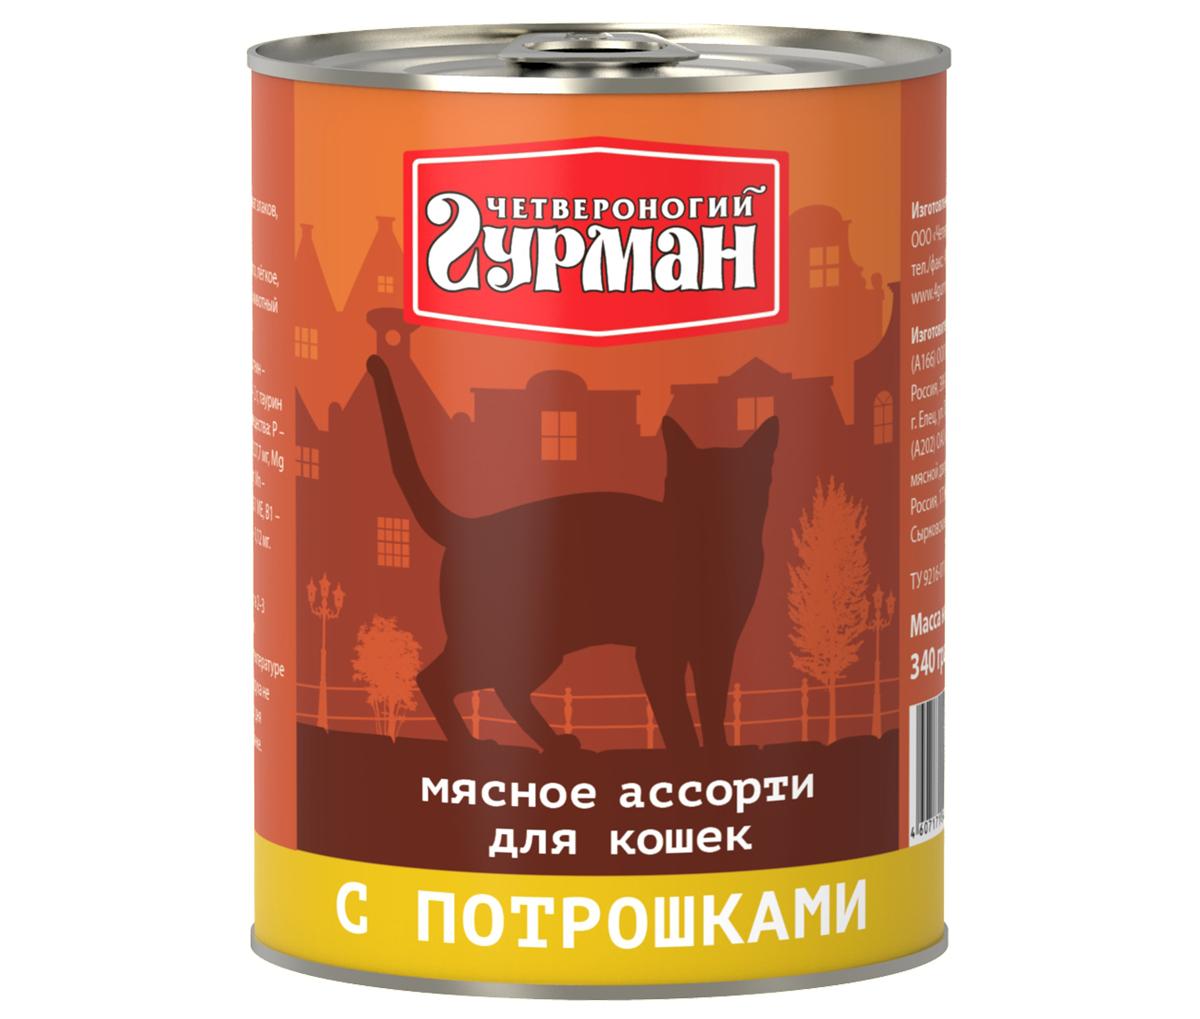 Консервы для кошек Четвероногий гурман Мясное ассорти, с потрошками, 340 г103209012Мясное ассорти - качественный мясной корм суперпремиум класса, состоящий из разных сортов мяса и качественных субпродуктов. Ведущая линейка торговой марки Четвероногий гурман. По консистенции продукт представляет собой кусочки из фарша размером 3-15 мм. В состав входит коллаген. Его компоненты (хондроитин и глюкозамин) положительно воздействуют на суставы питомца. Корм не содержит злаков и овощей. Состав: сердце (14%), рубец (14%), куриное мясо, легкое, желудок, печень, коллагенсодержащее сырьё, животный белок, масло растительное, таурин, соль, вода. Вес: 340 г. Товар сертифицирован.